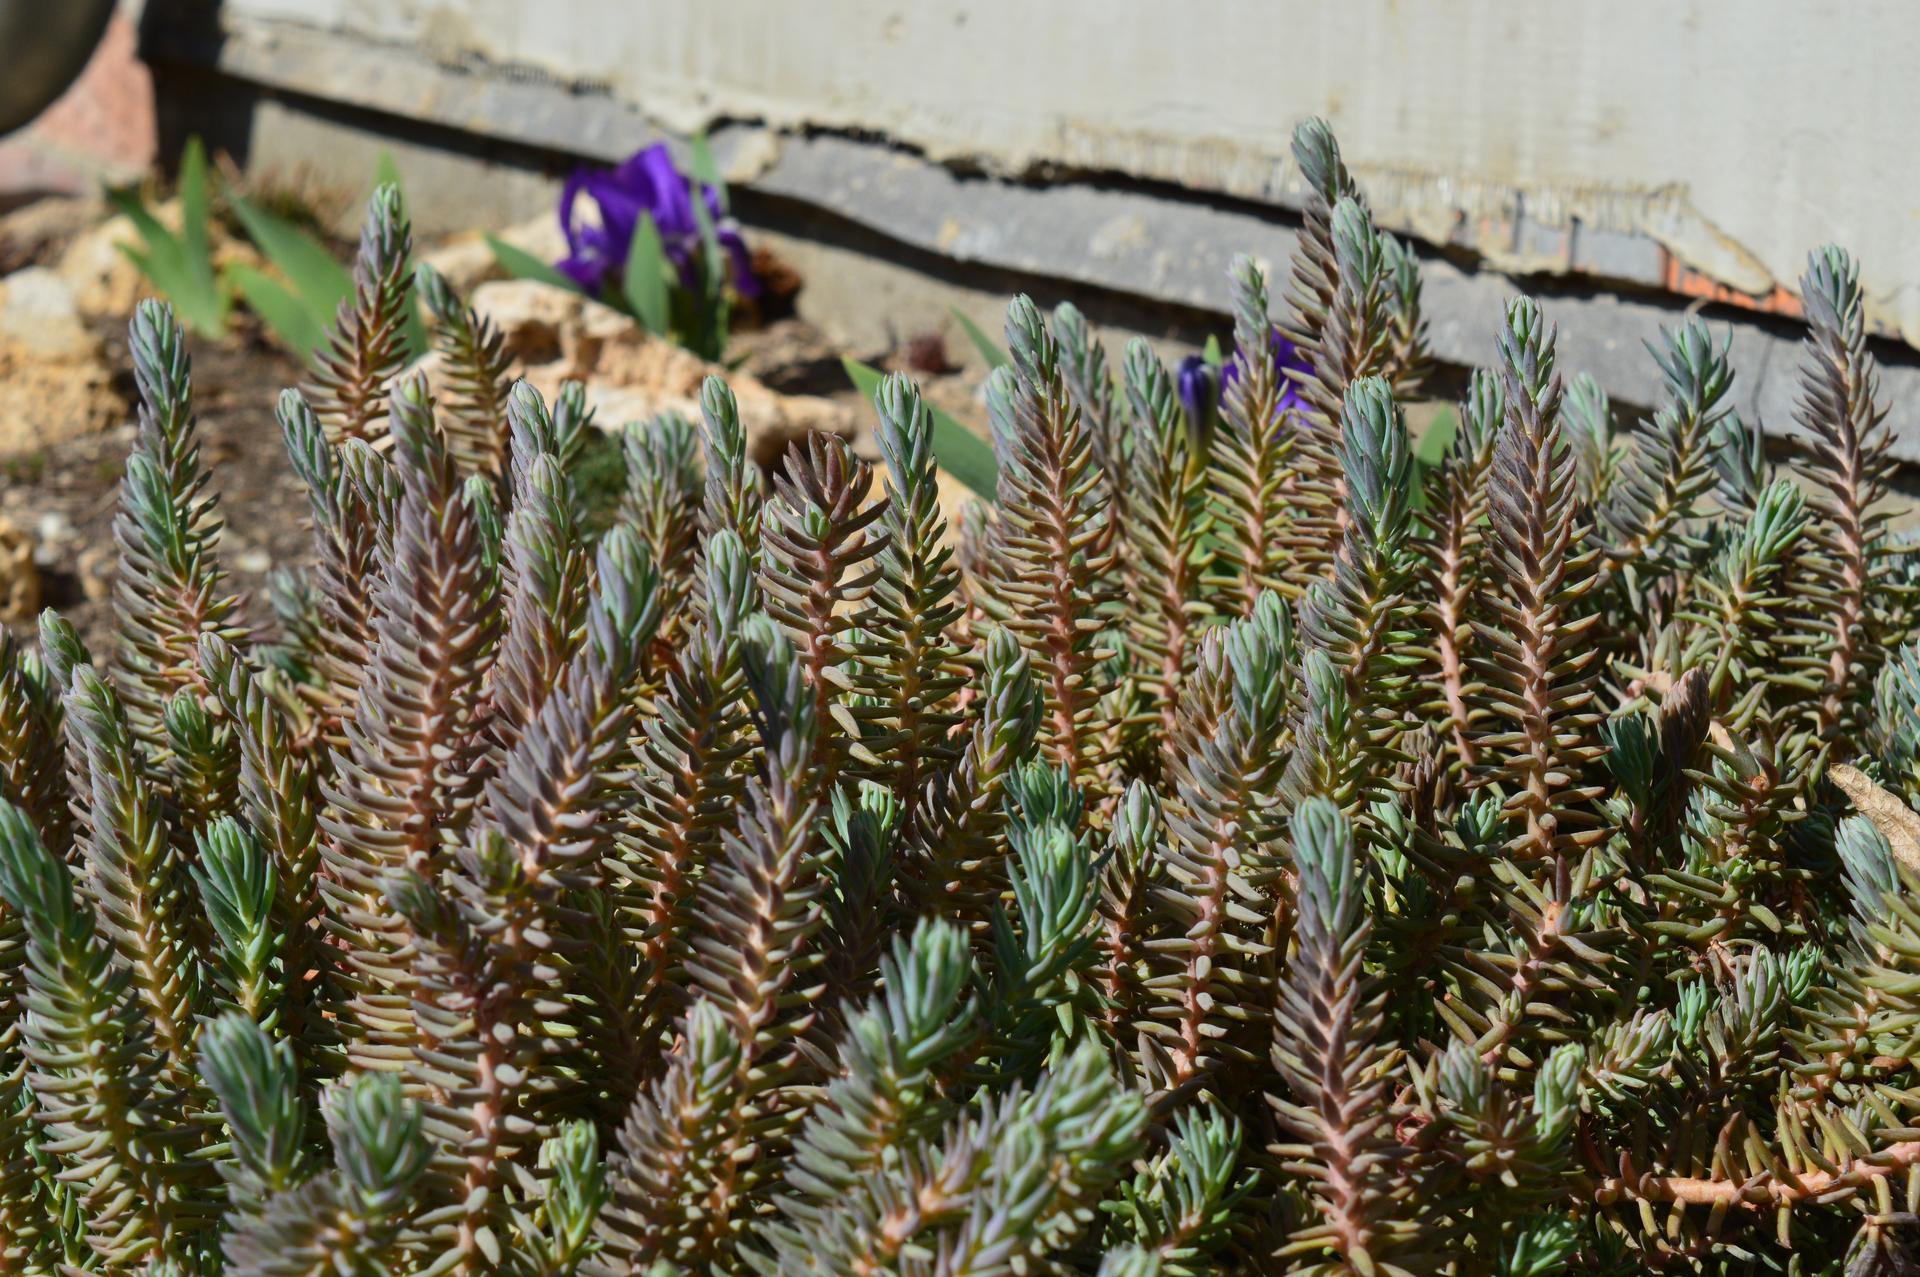 Naša prírodná perma záhradka v roku 2020 - neuveriteľne rozrastený rozchodník